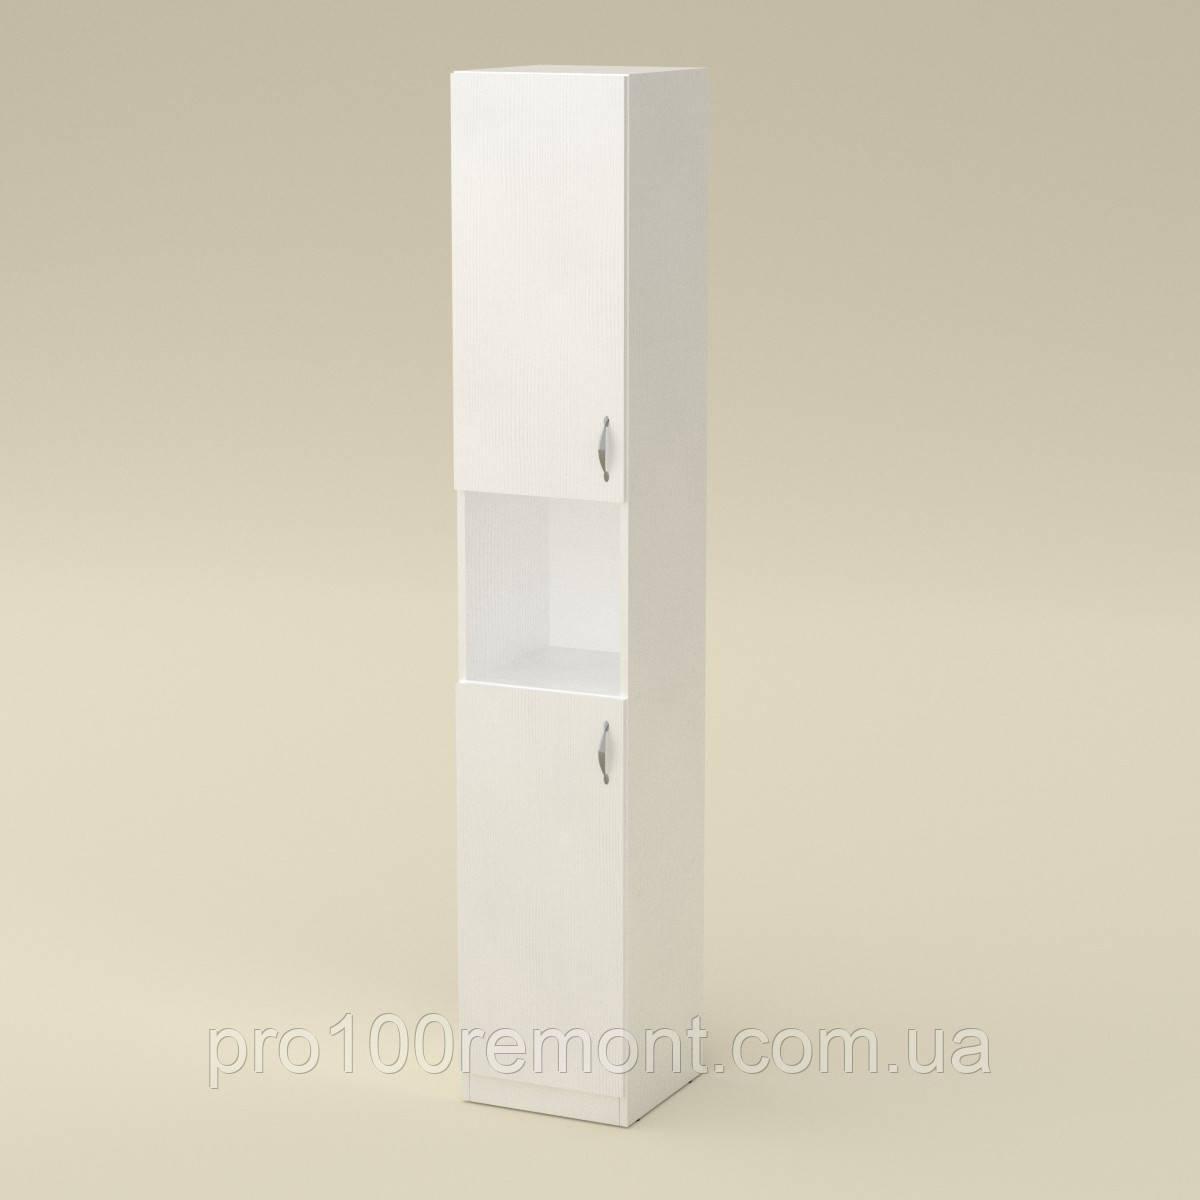 Шкаф универсальный КШ-10 от Компанит